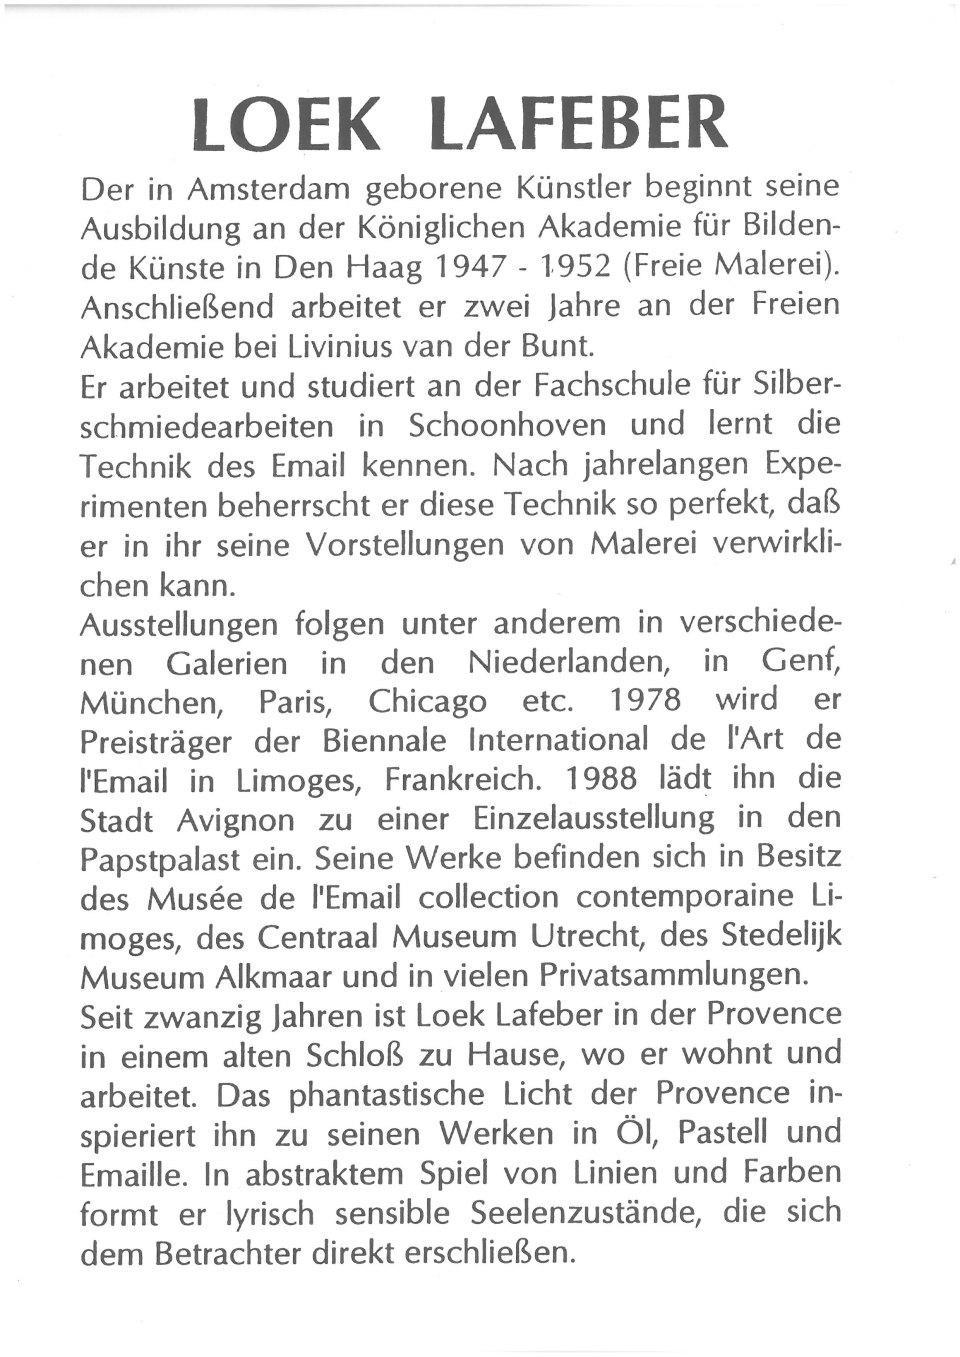 Deutscher Text über das Oeuvre von Loek Lafeber